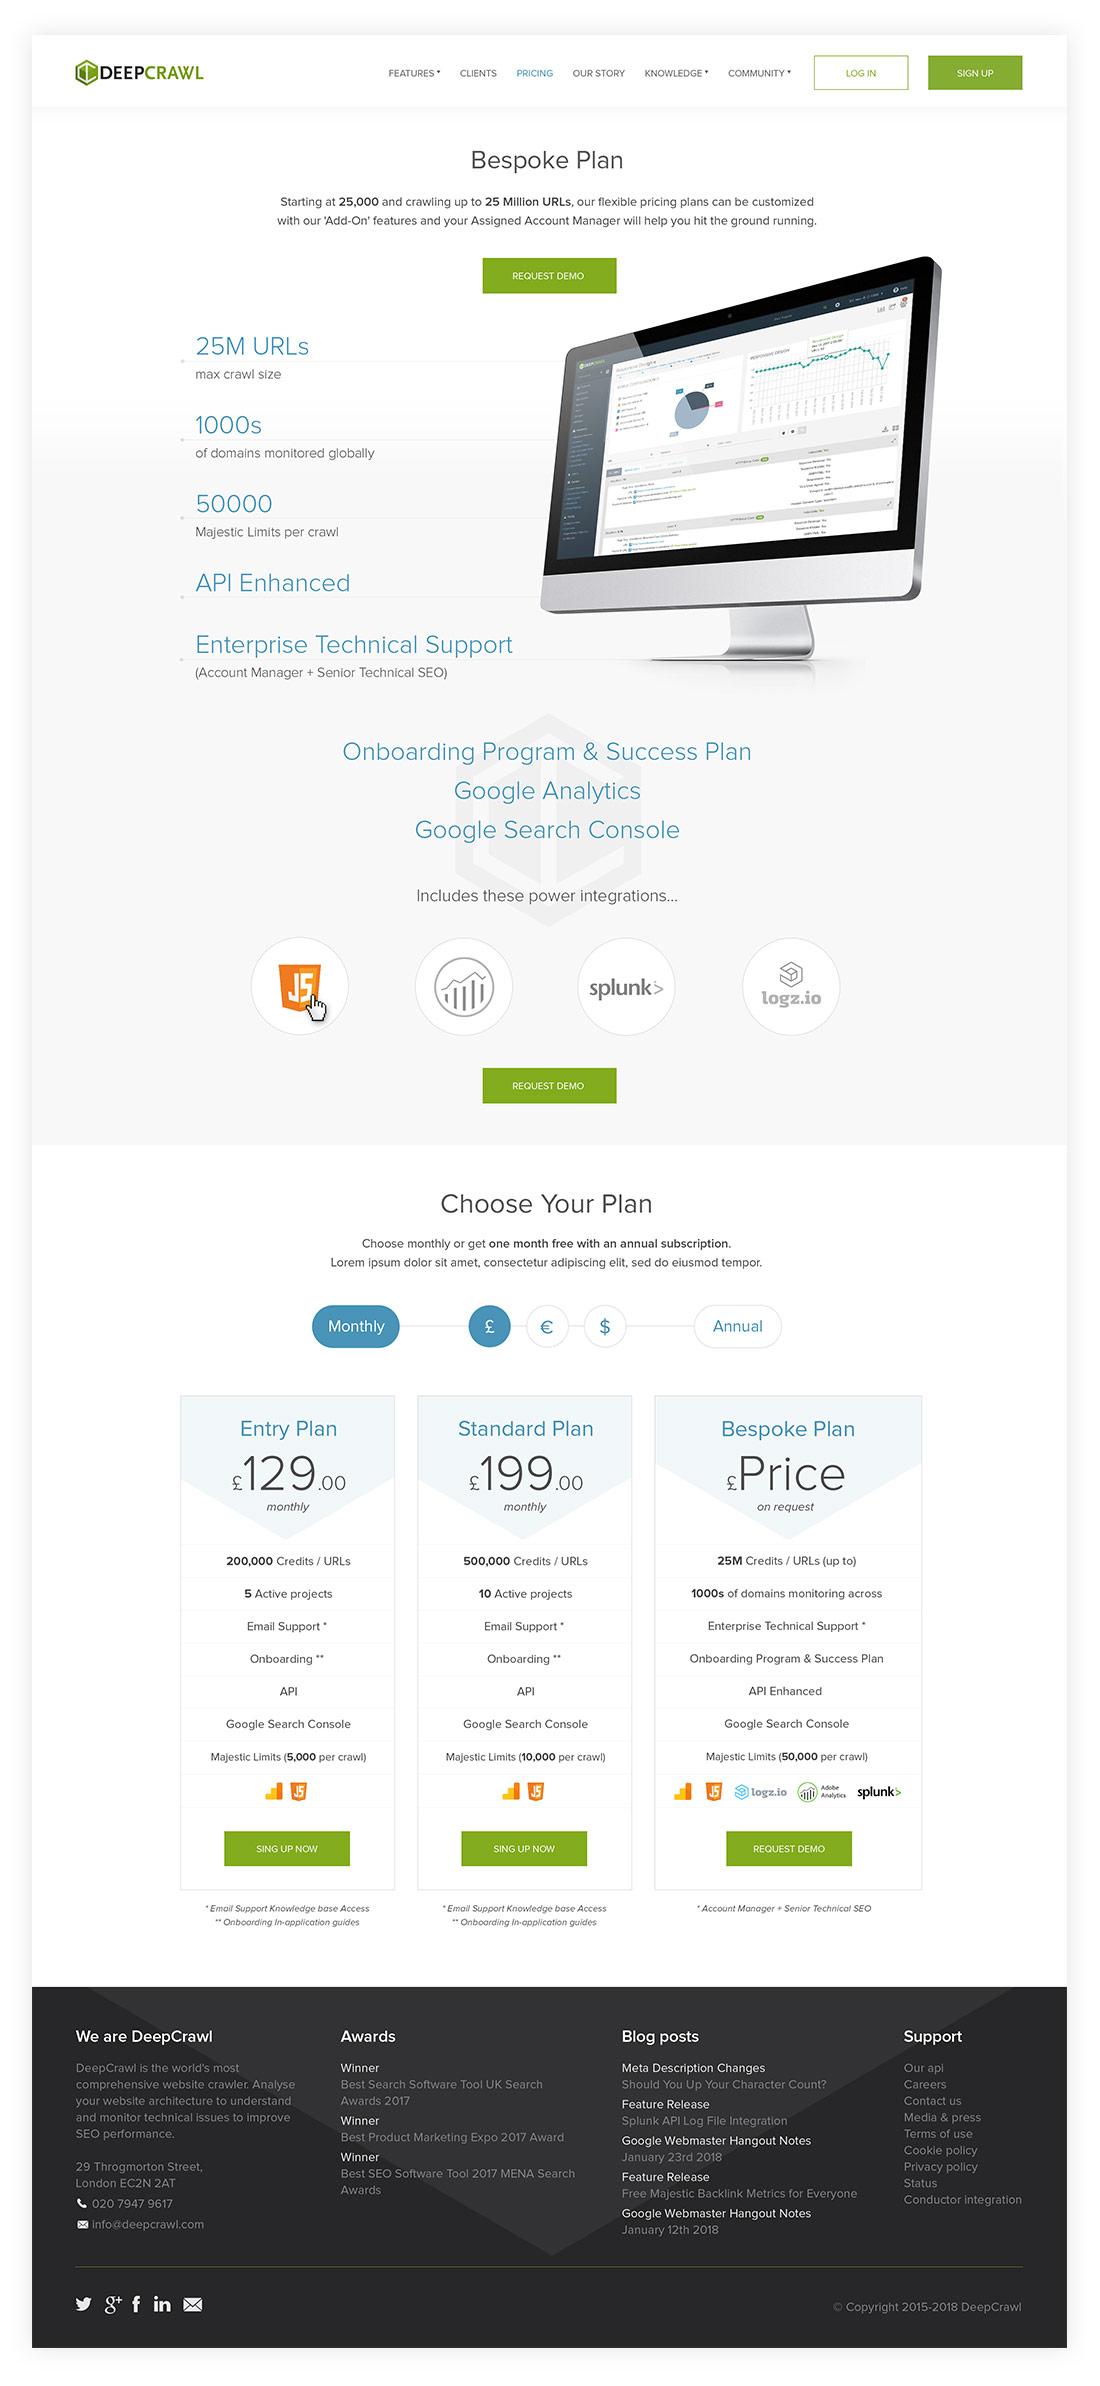 DC_website_PricePlan_1100